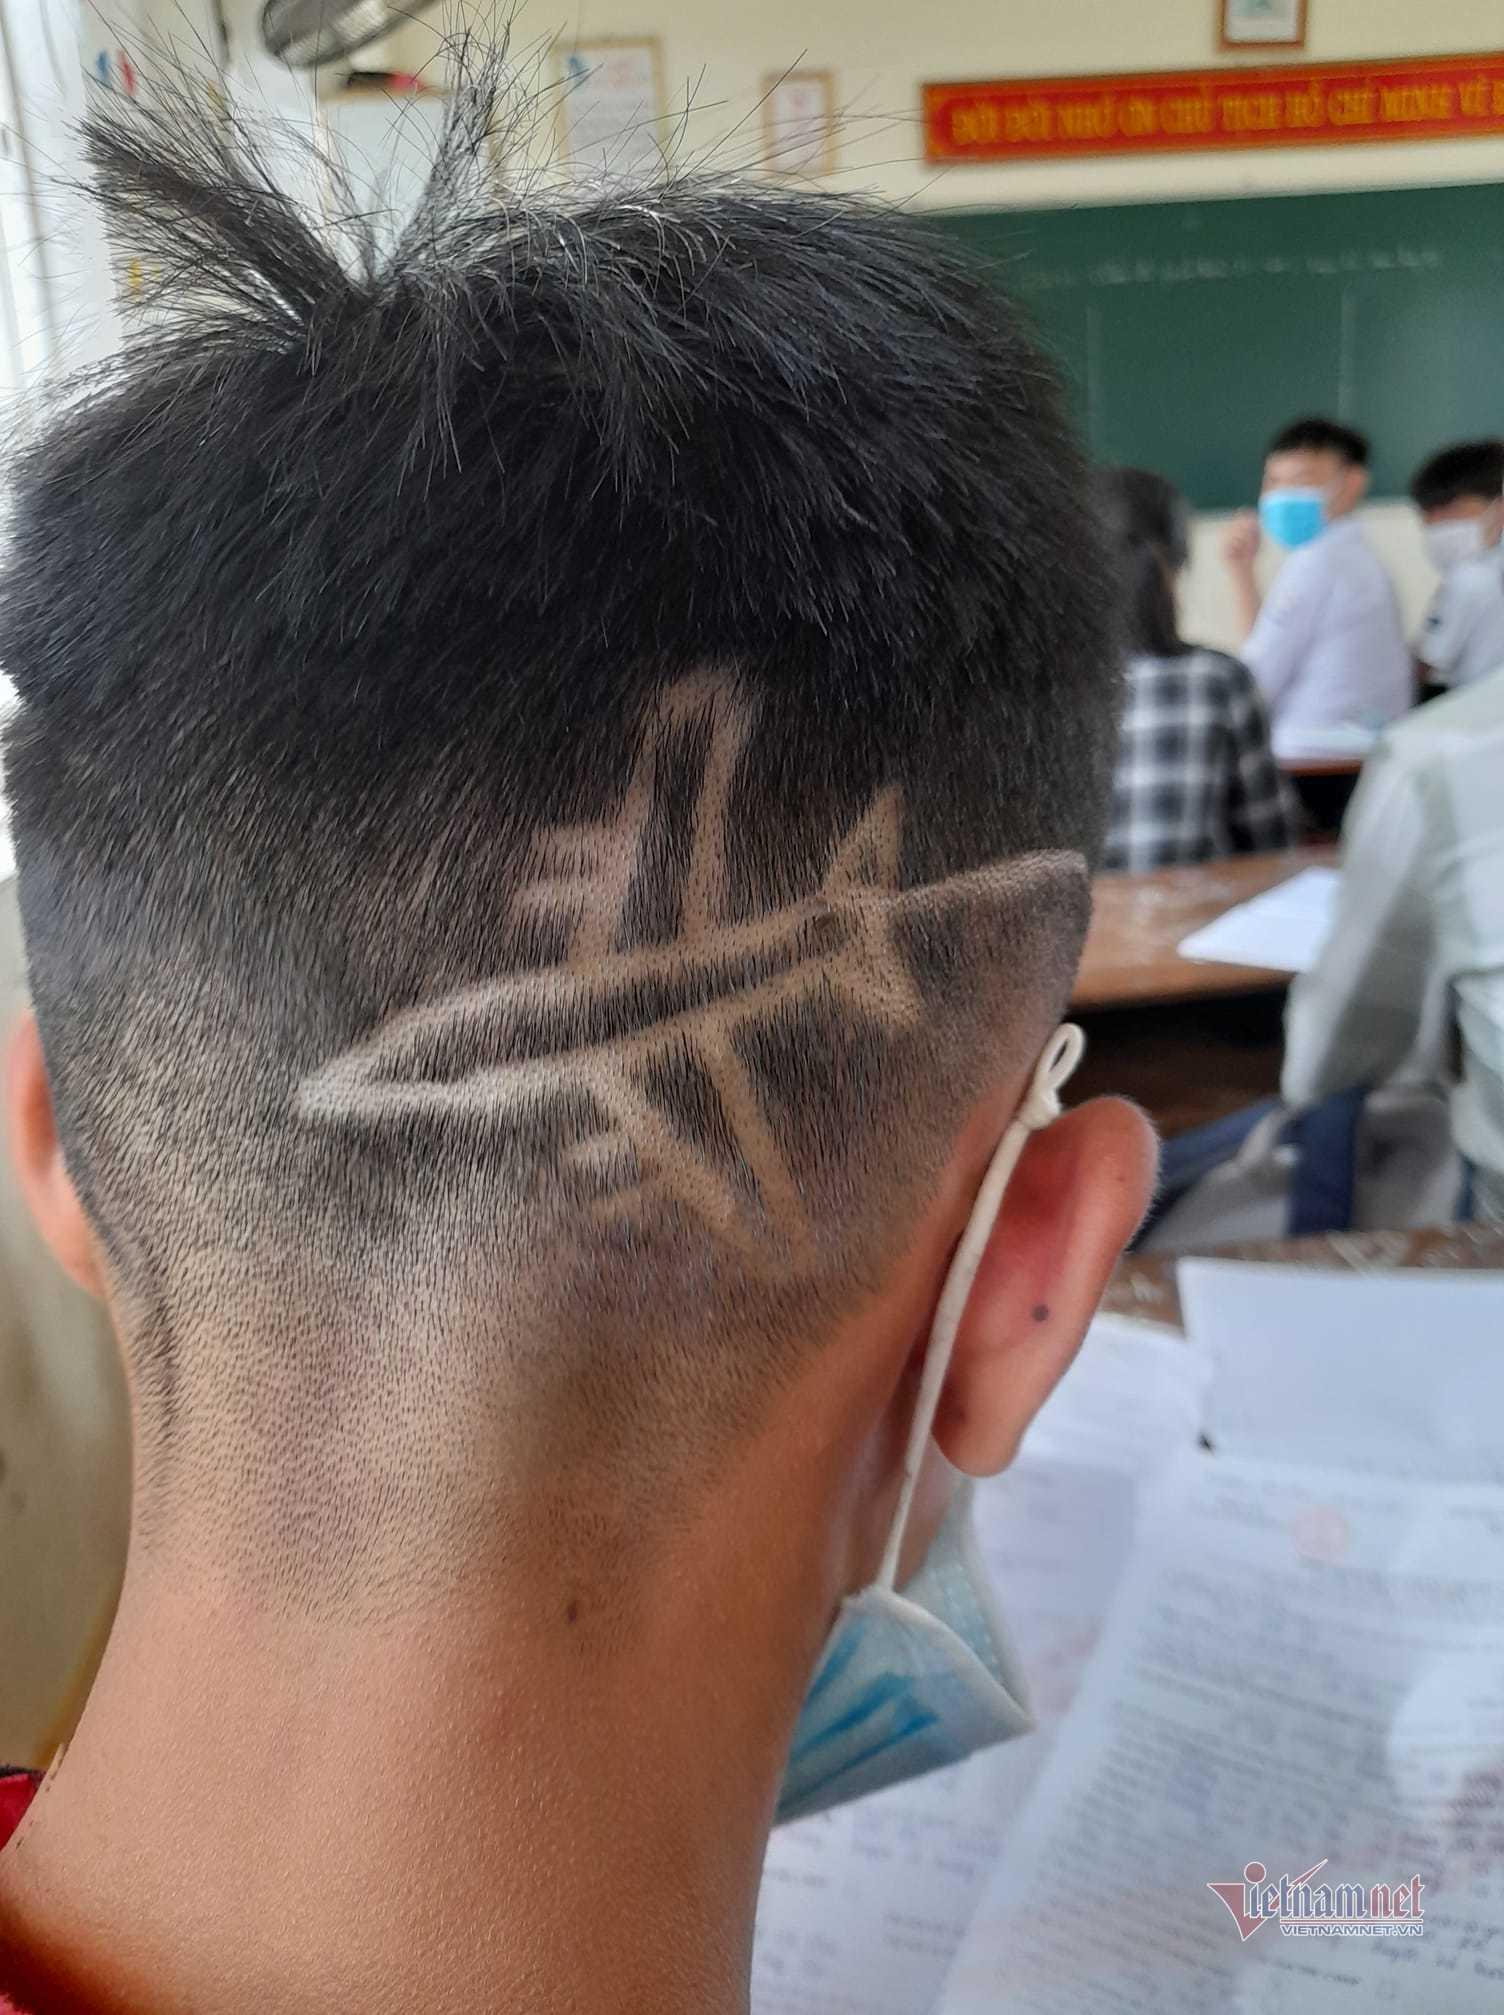 Xử trí bất ngờ của thầy giáo với mái tóc 'kì lạ' của học trò